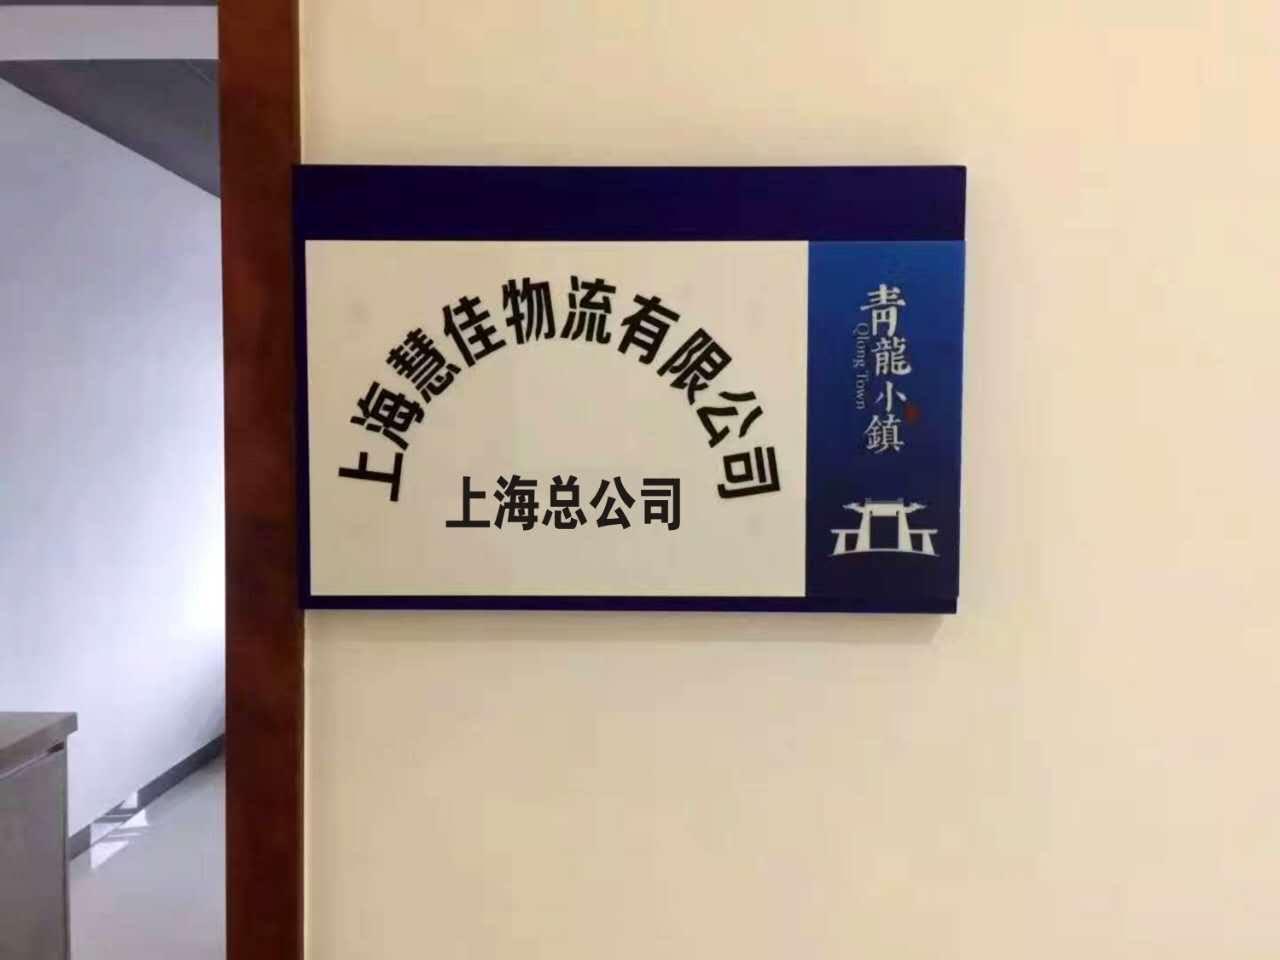 上海到怀化物流专线(上海慧佳物流有限公司)